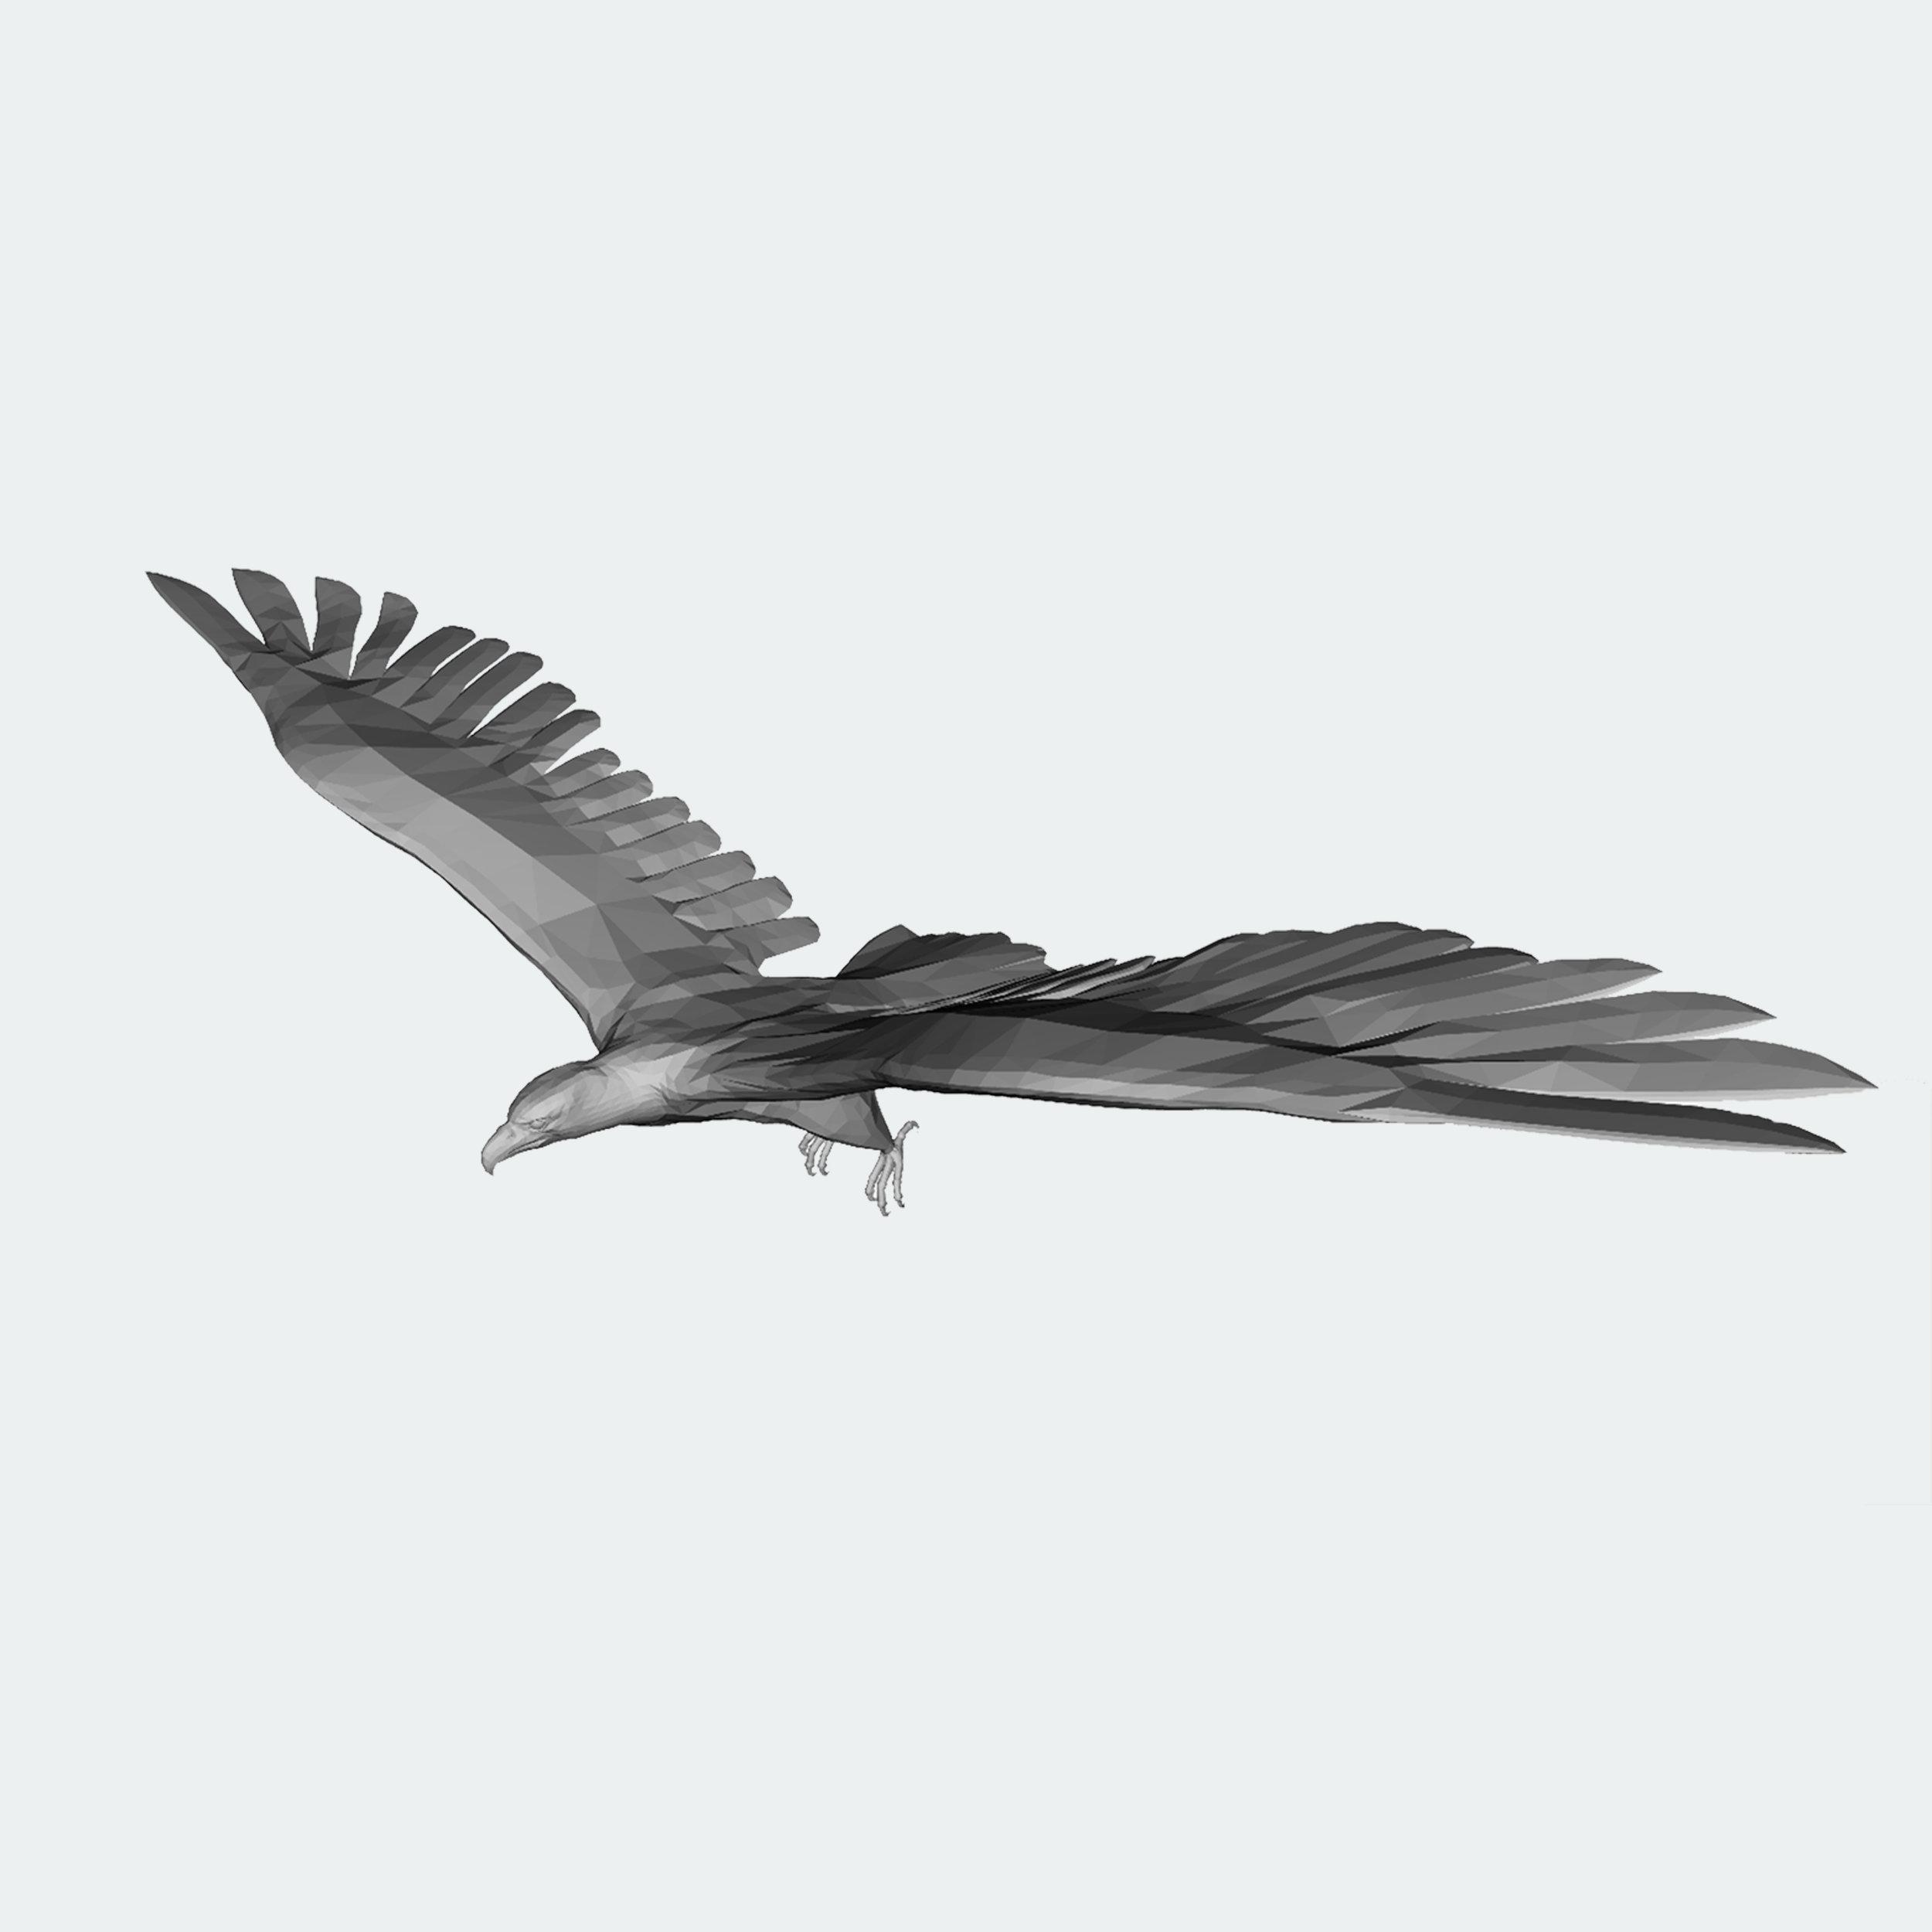 unrendered_eagle.png